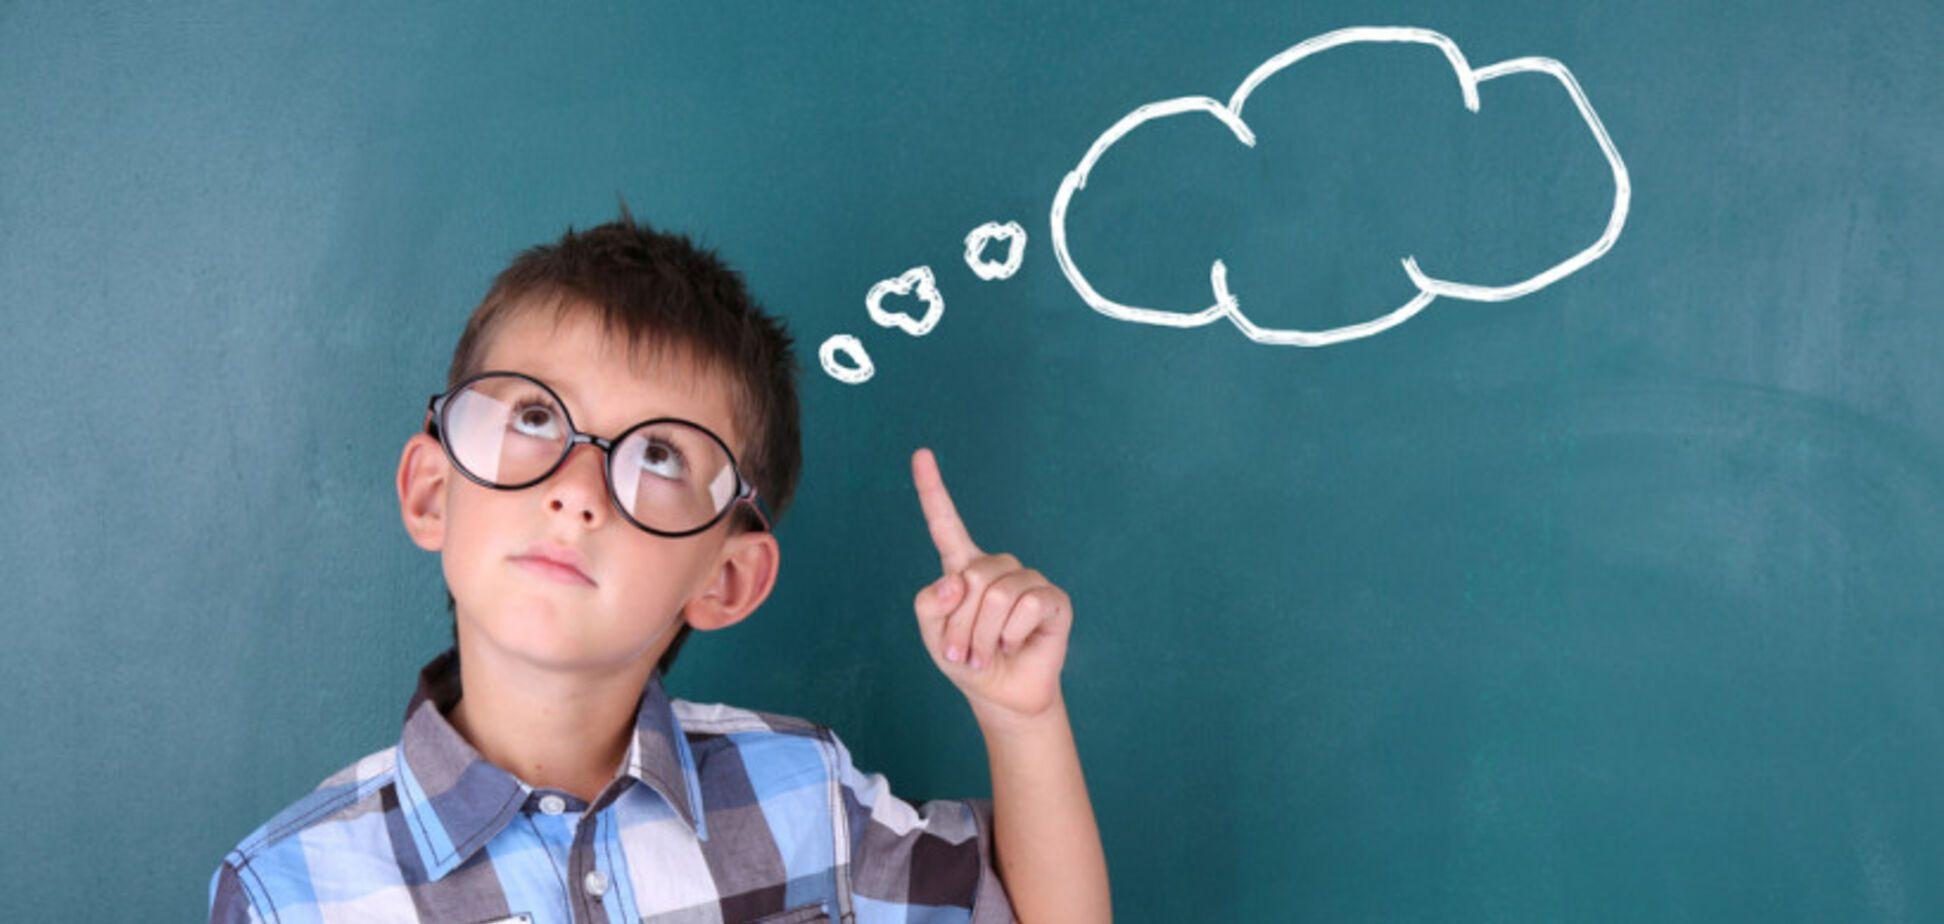 Дитячі загадки, які часом не під силу розгадати дорослим